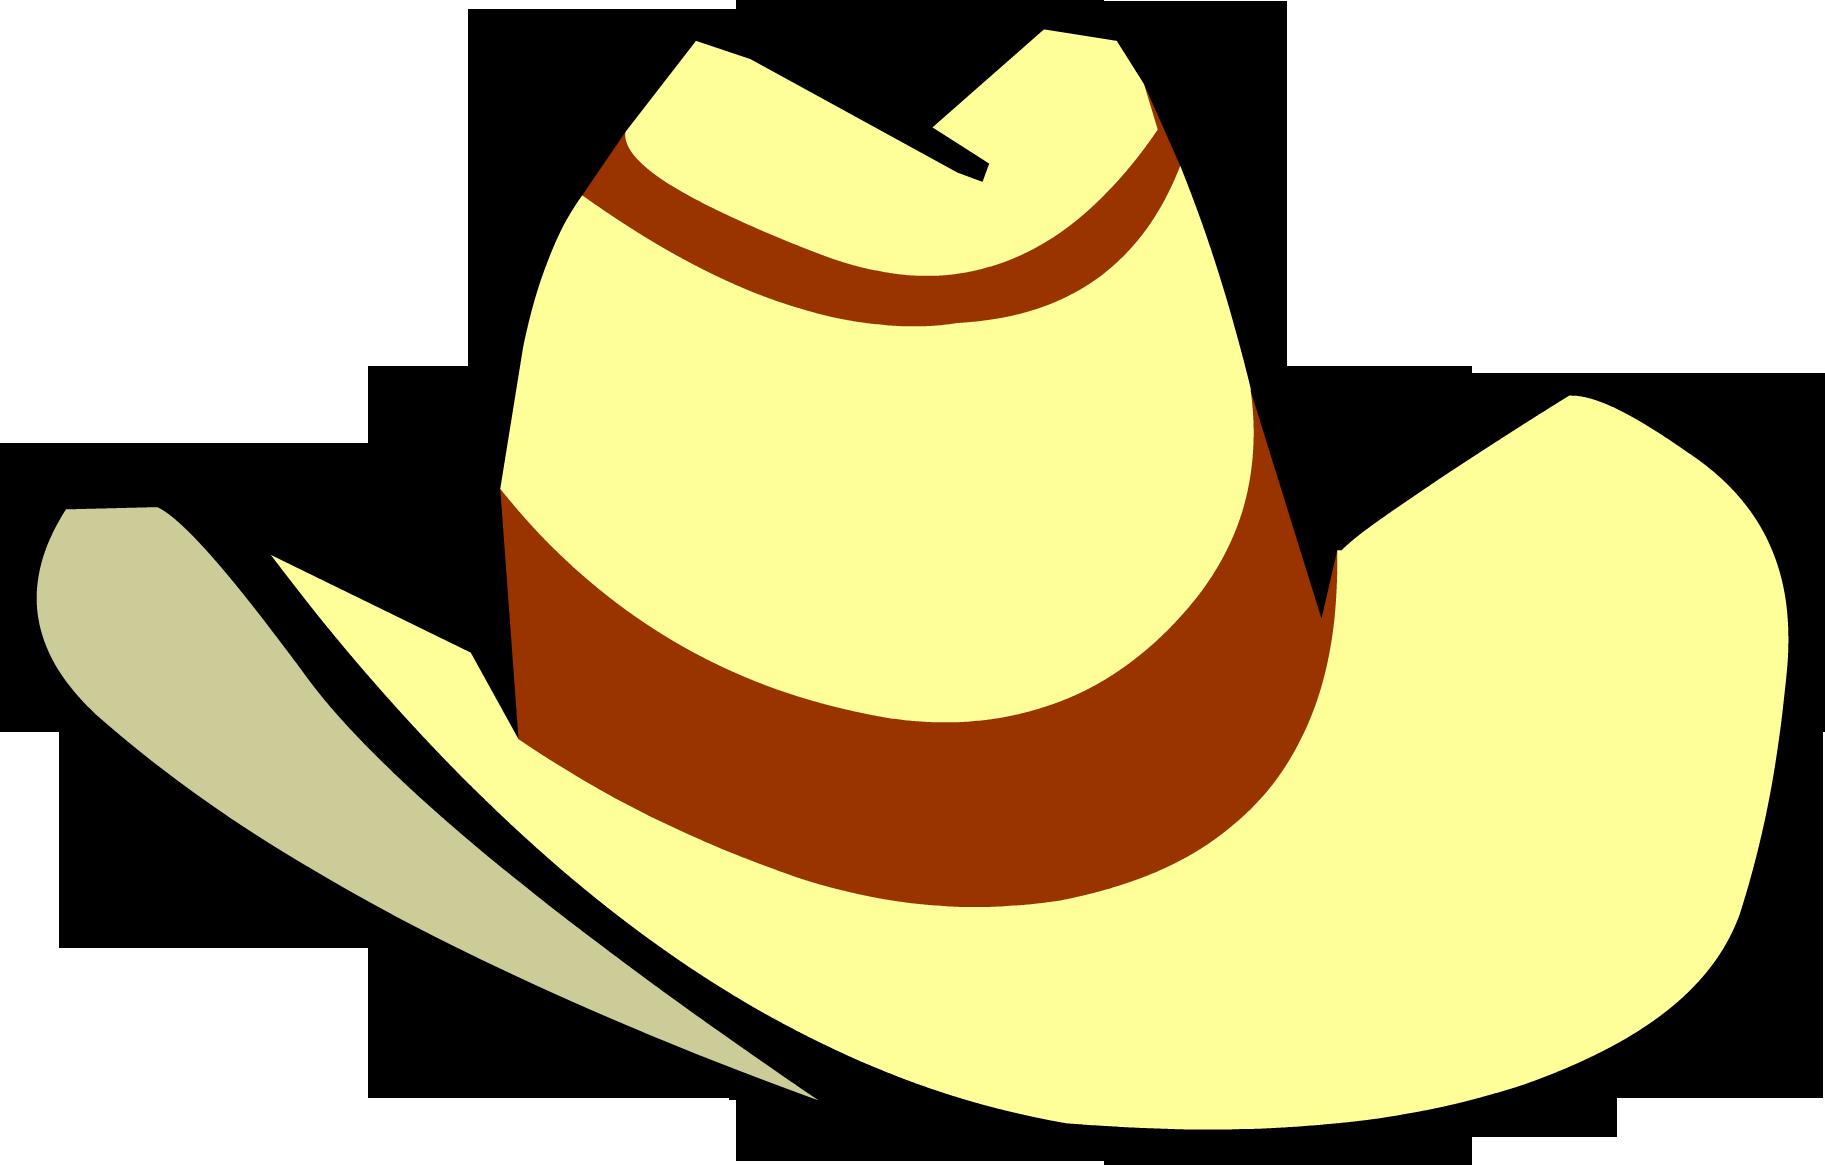 Hat clipart cow boy. Image tancowboyhat png club